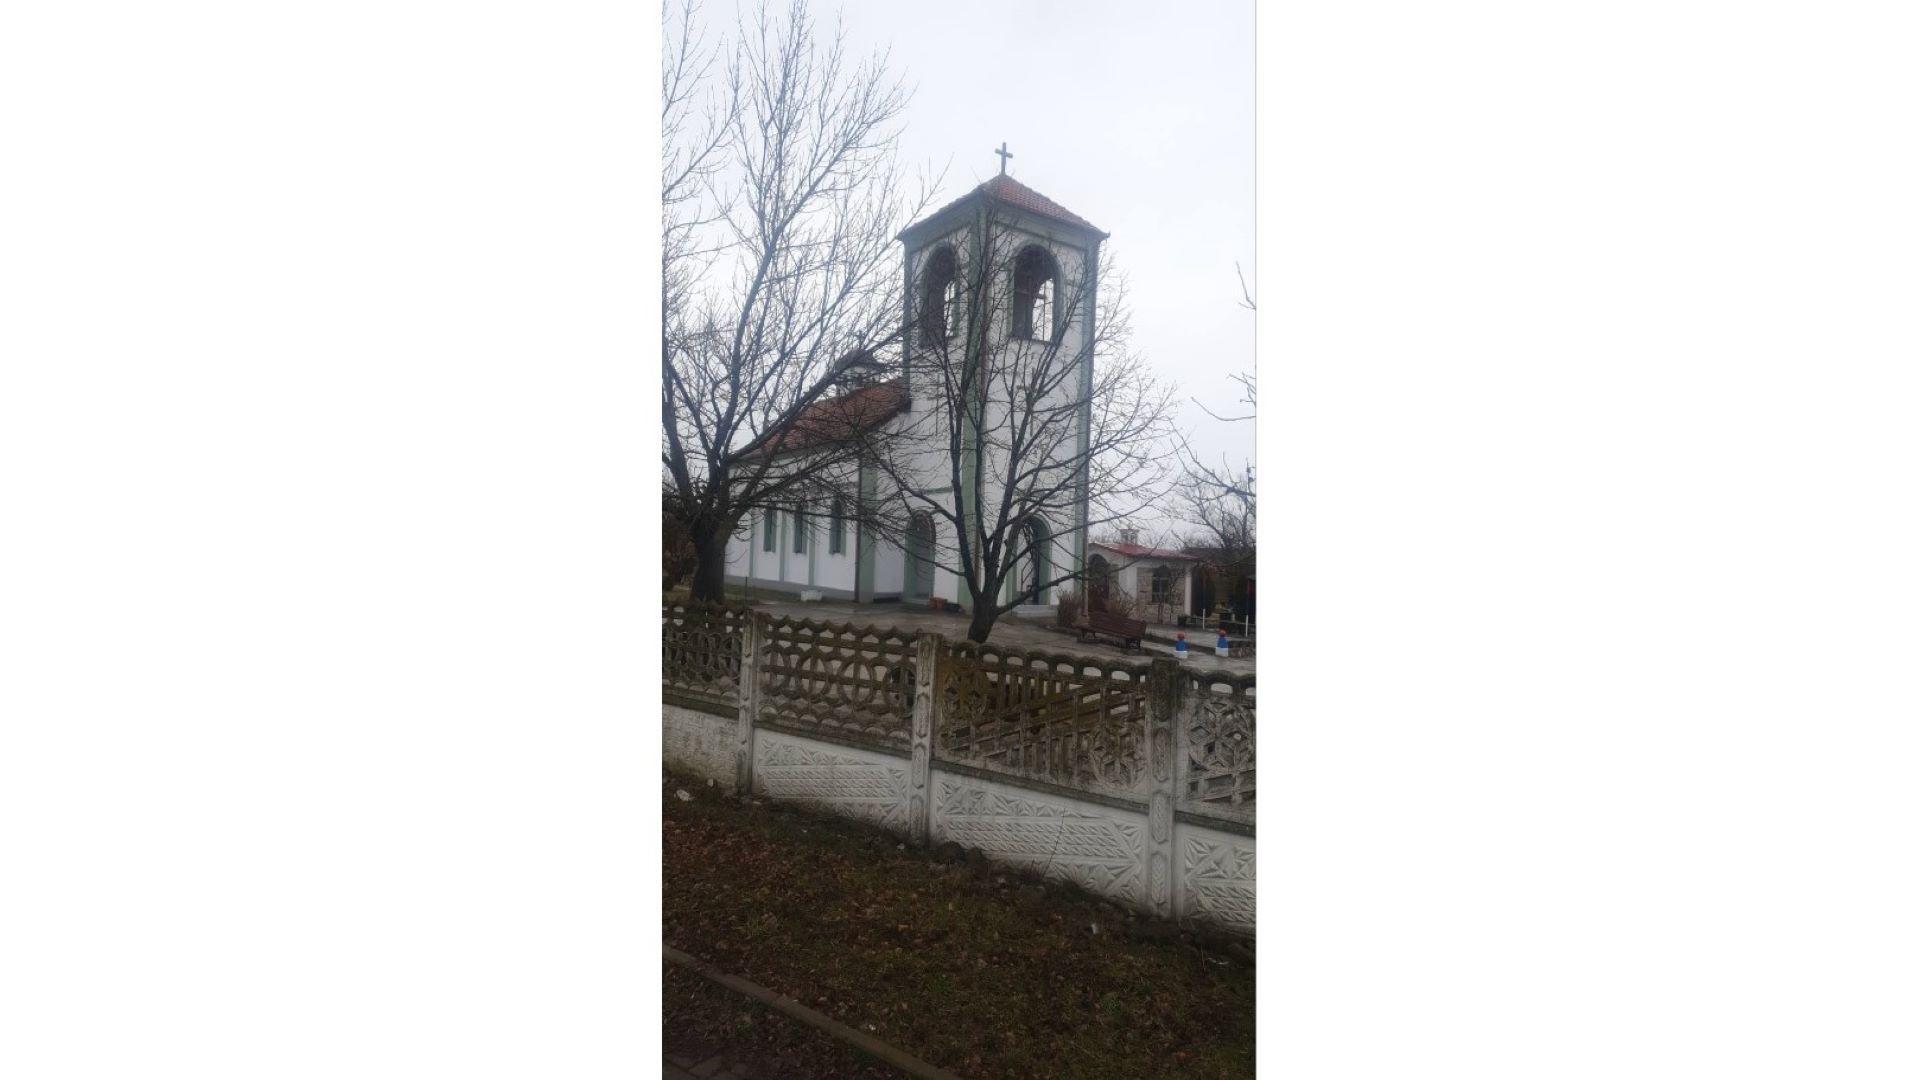 kancelarija-za-kim-obijena-crkva-svetog-petra-i-pavla-u-klokotu